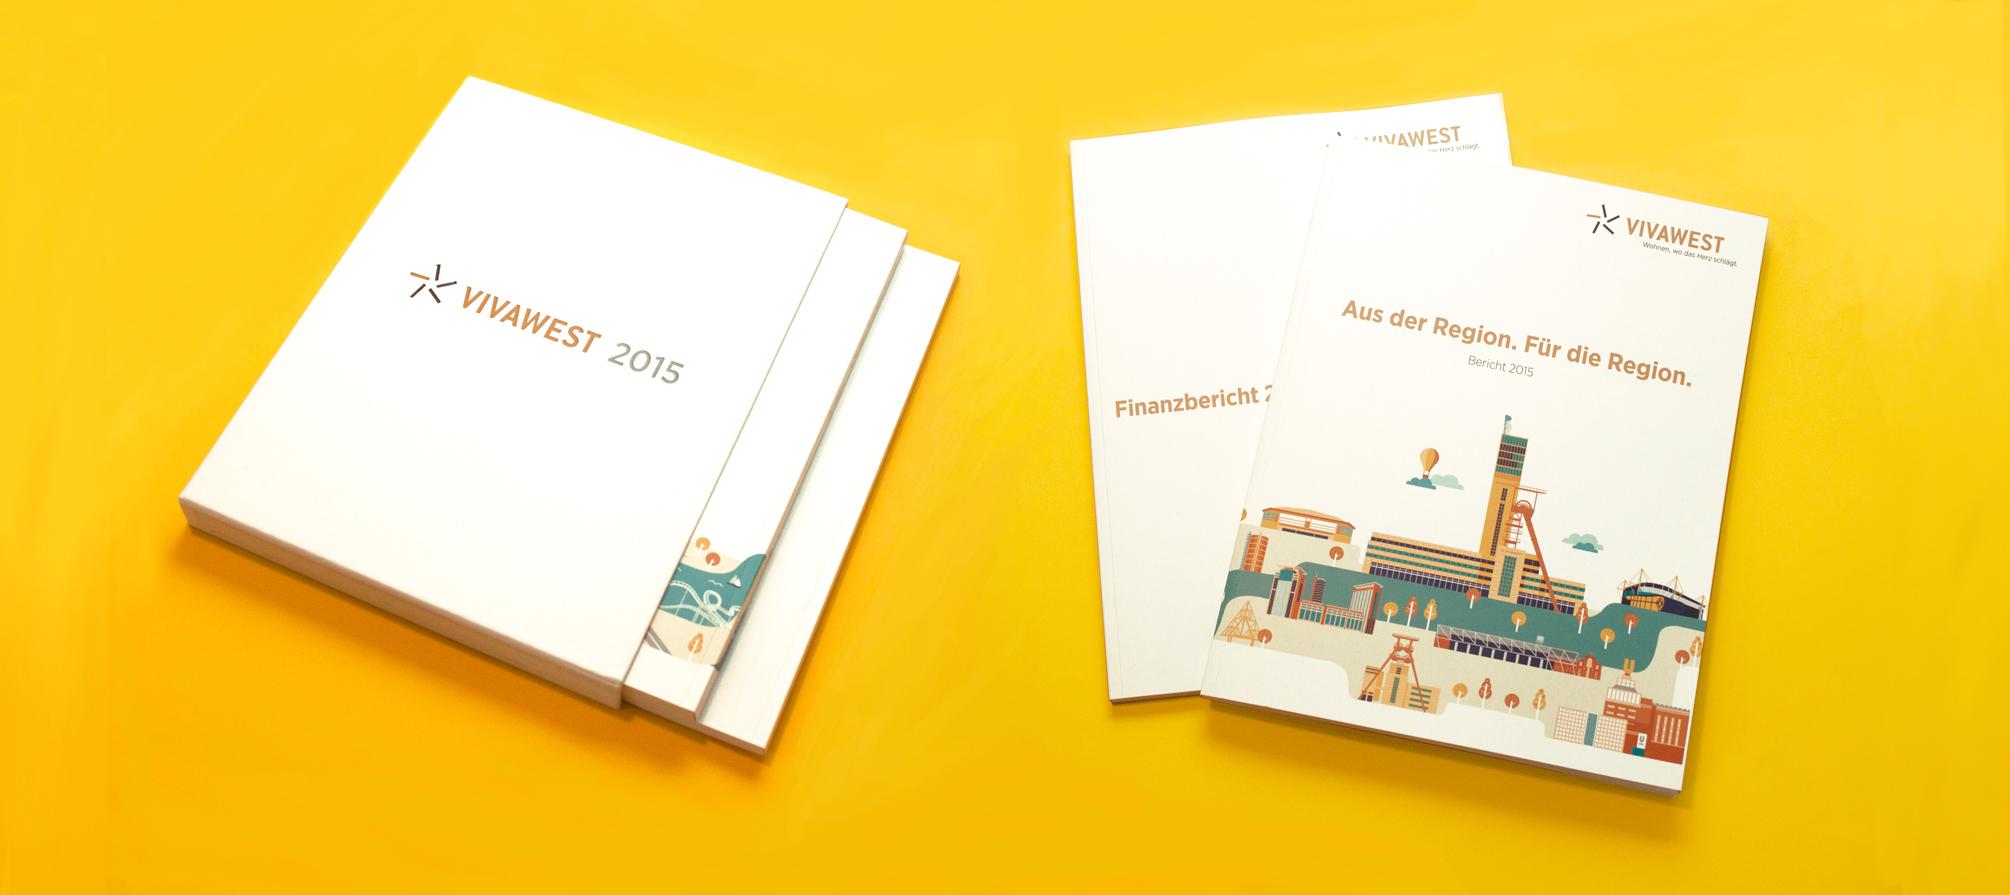 Vivawest Geschäftsbericht Cover, Vivawest Annual Report Cover